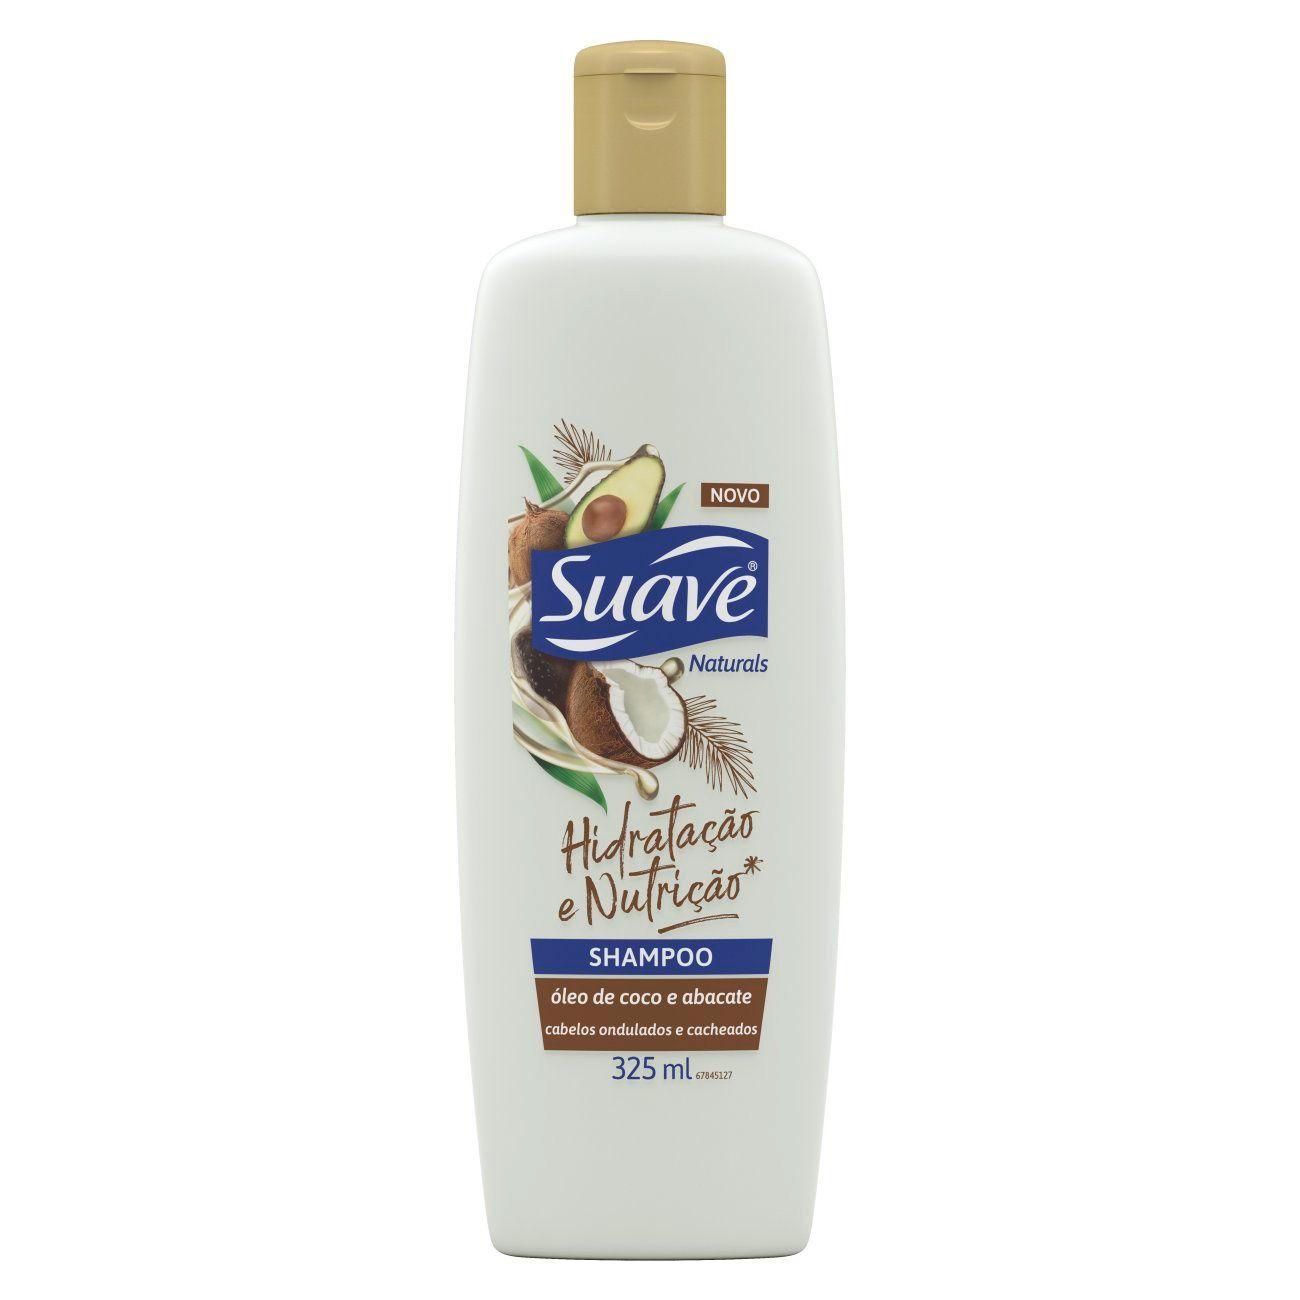 Shampoo Suave Óleo de coco e Abacate 325ml